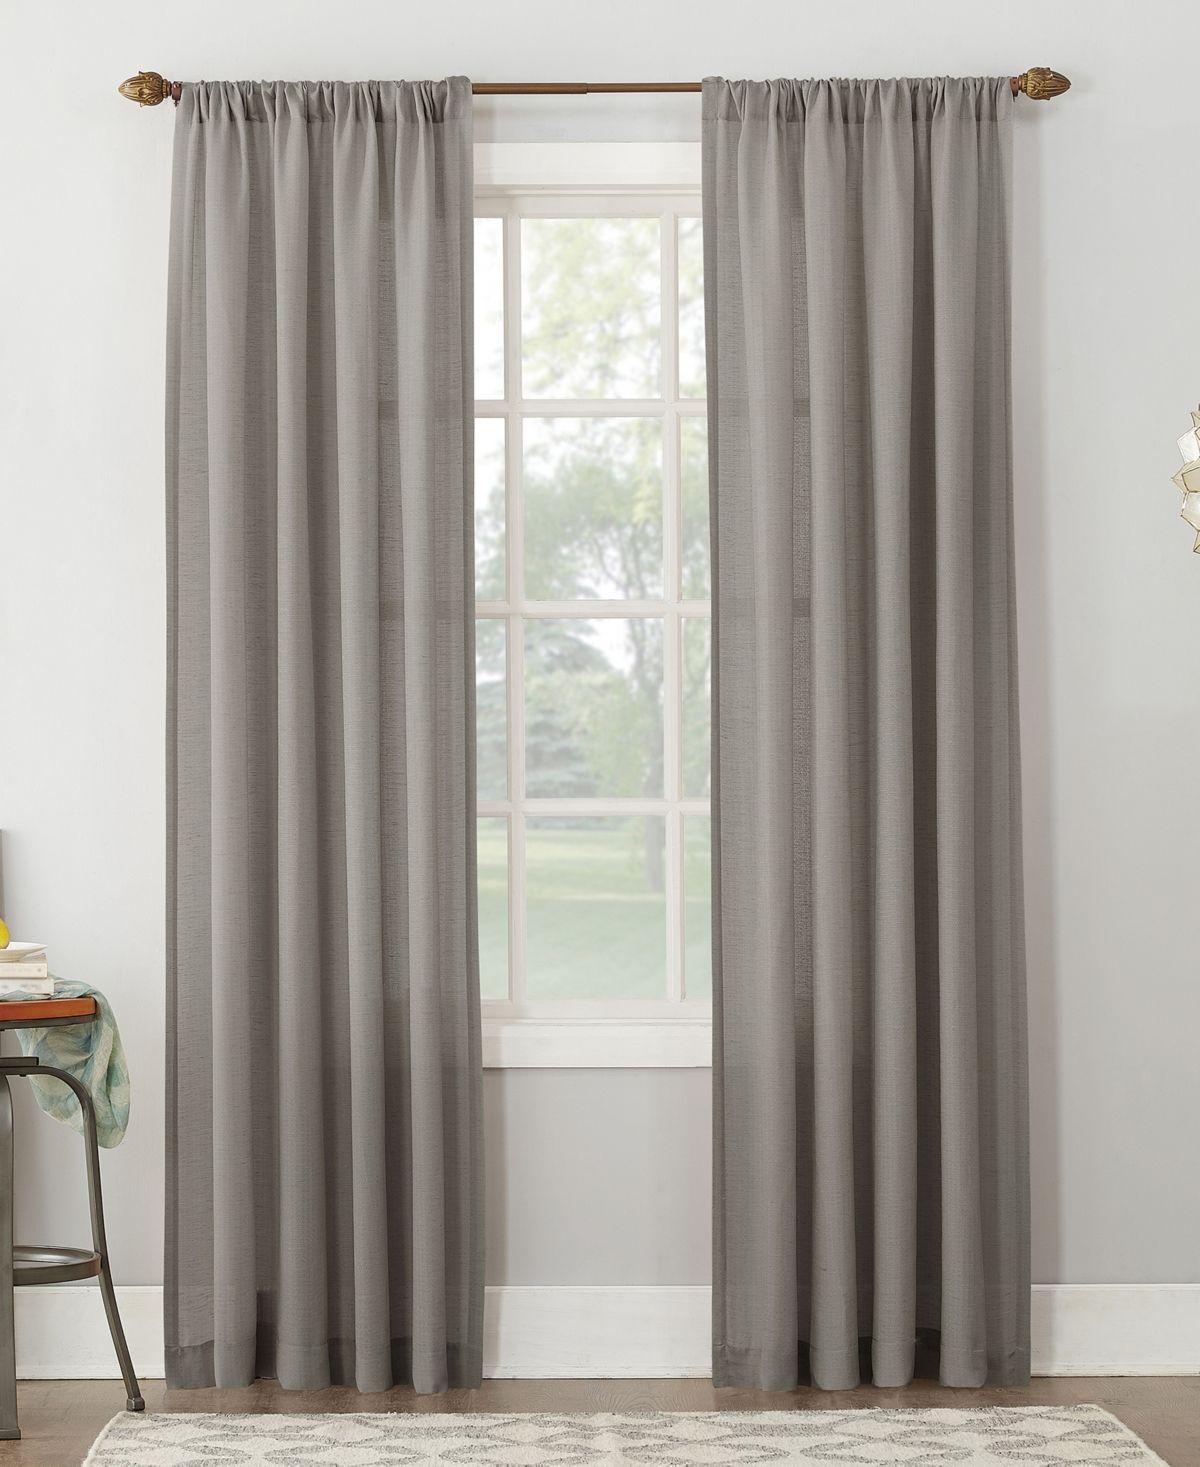 No 918 Lichtenberg Amalfi 54 X 95 Linen Blend Textured Sheer